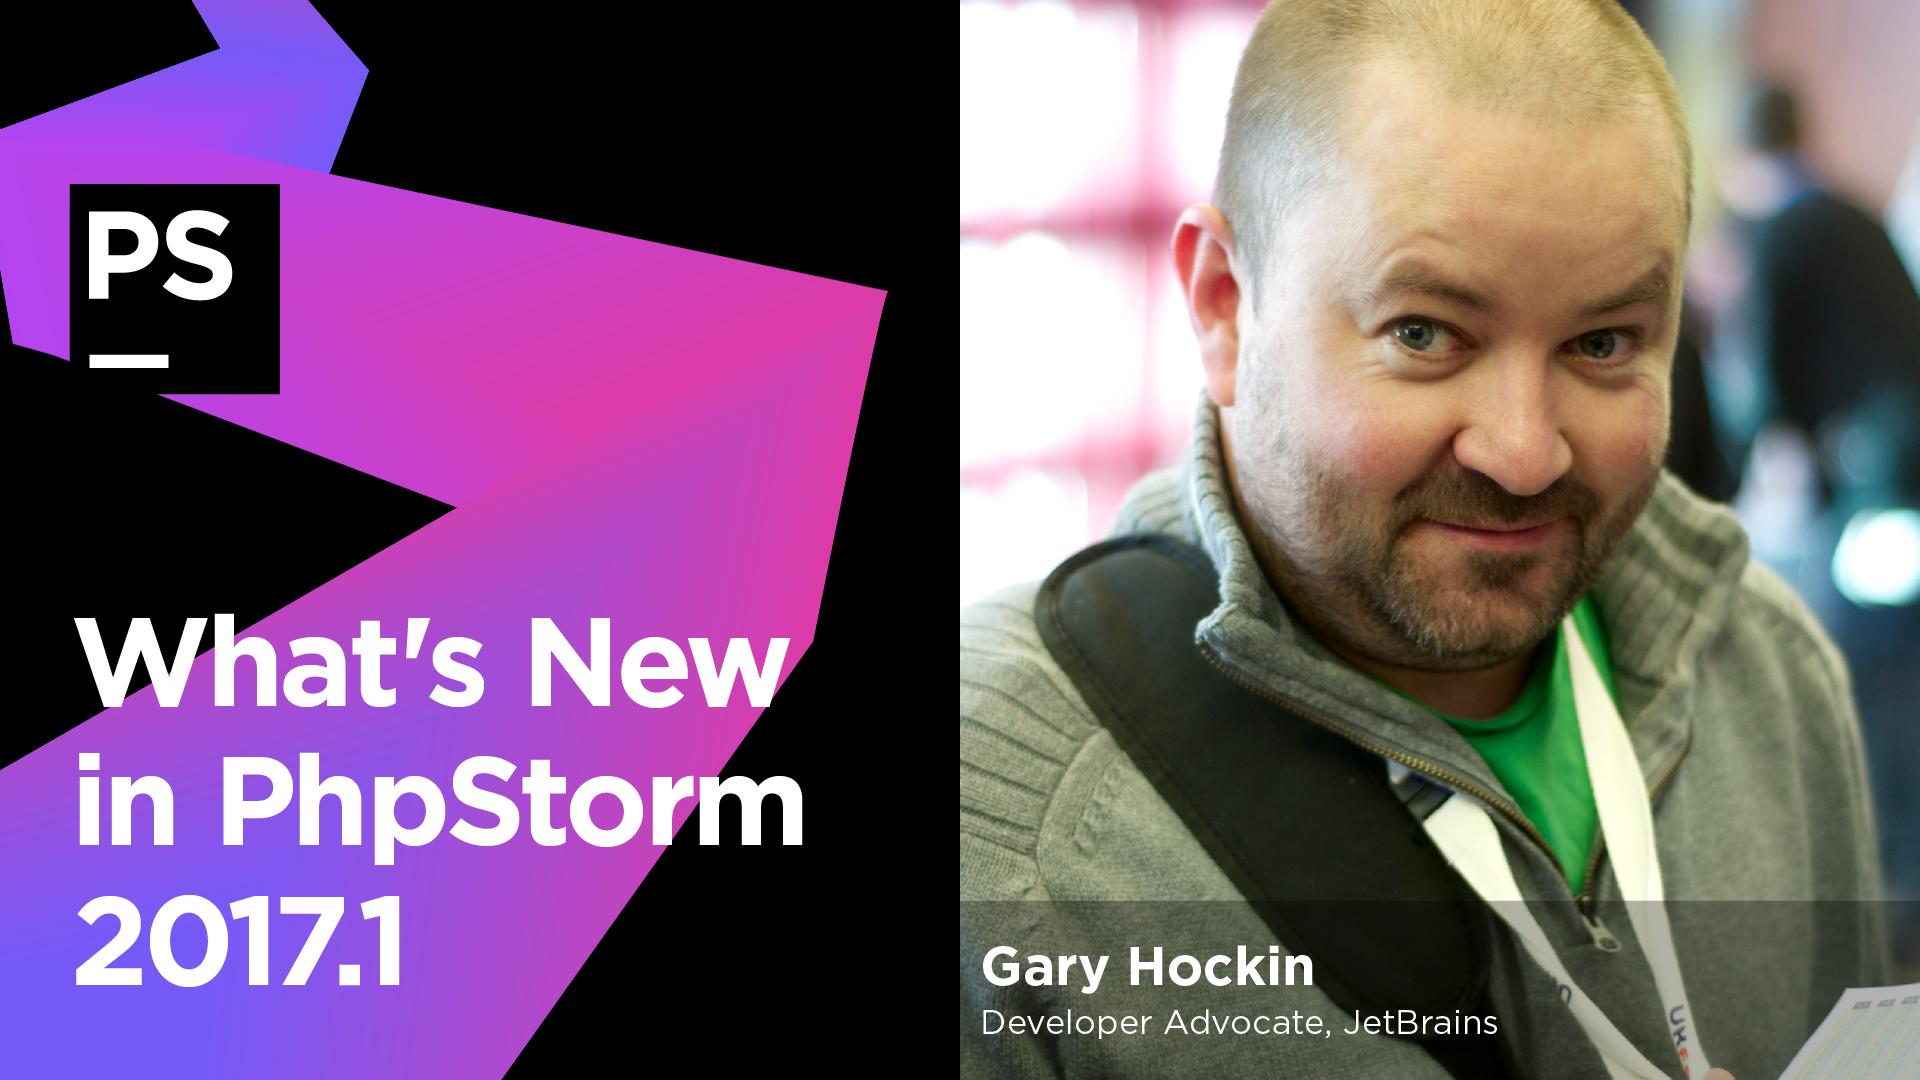 phpstorm_webinar_Whats_New_in_PhpStorm_2017_1